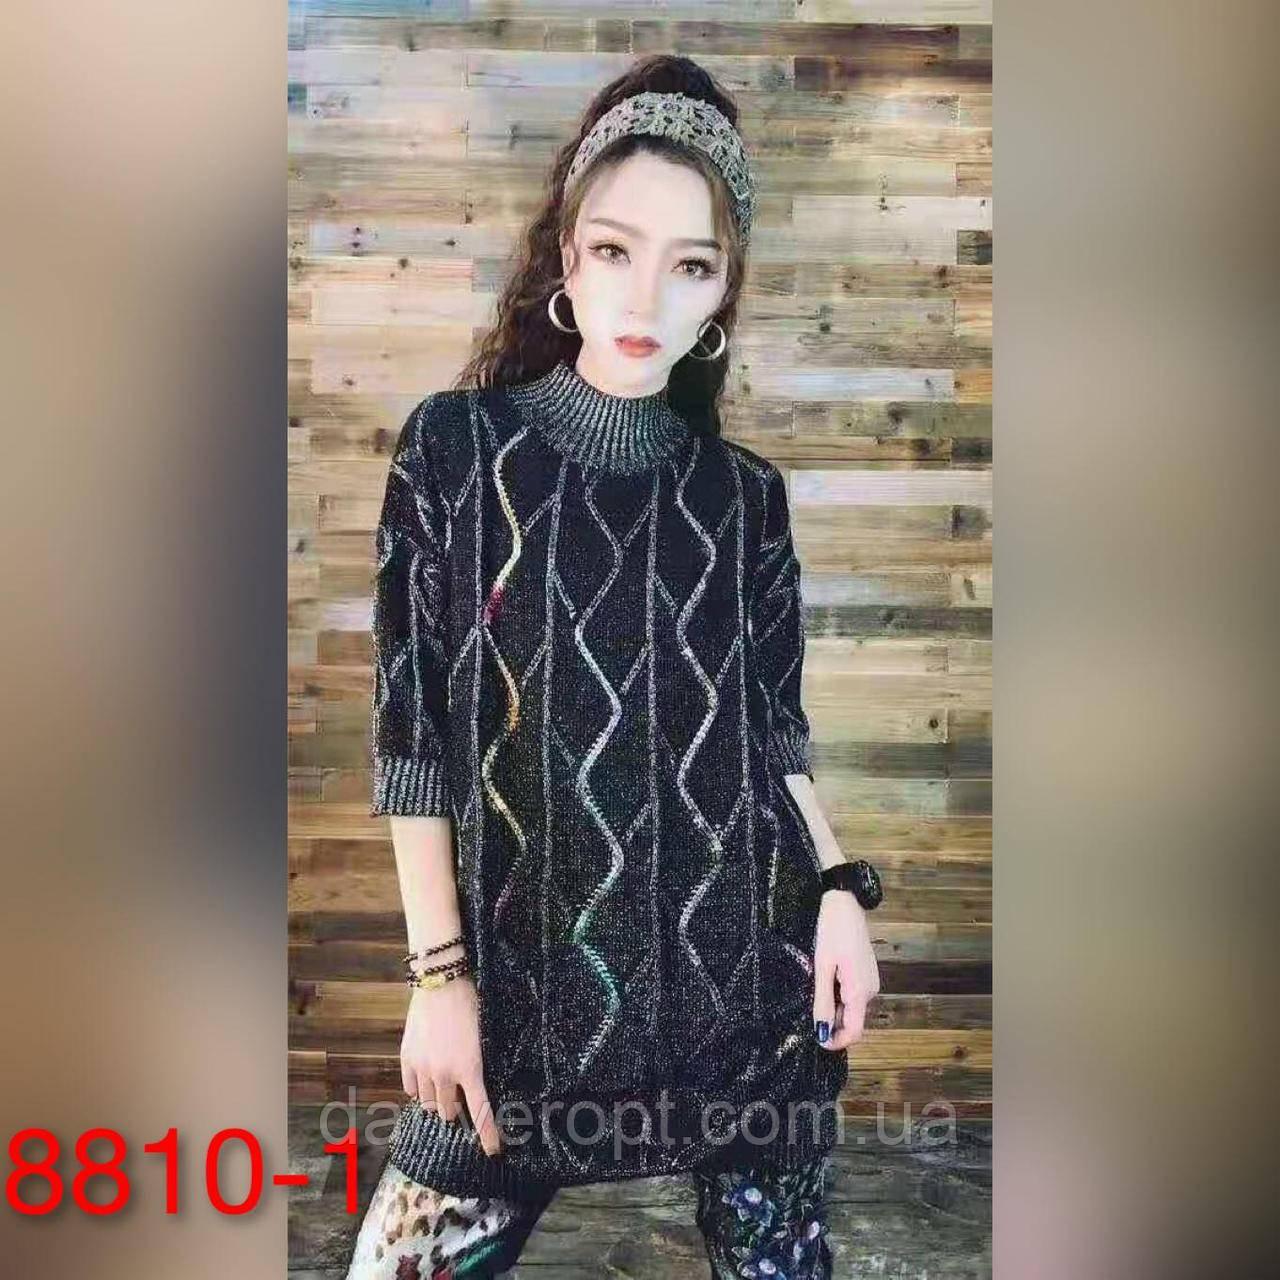 Туника женская модная стильная размер универсальный 44-54 купить оптом со склада 7км Одесса